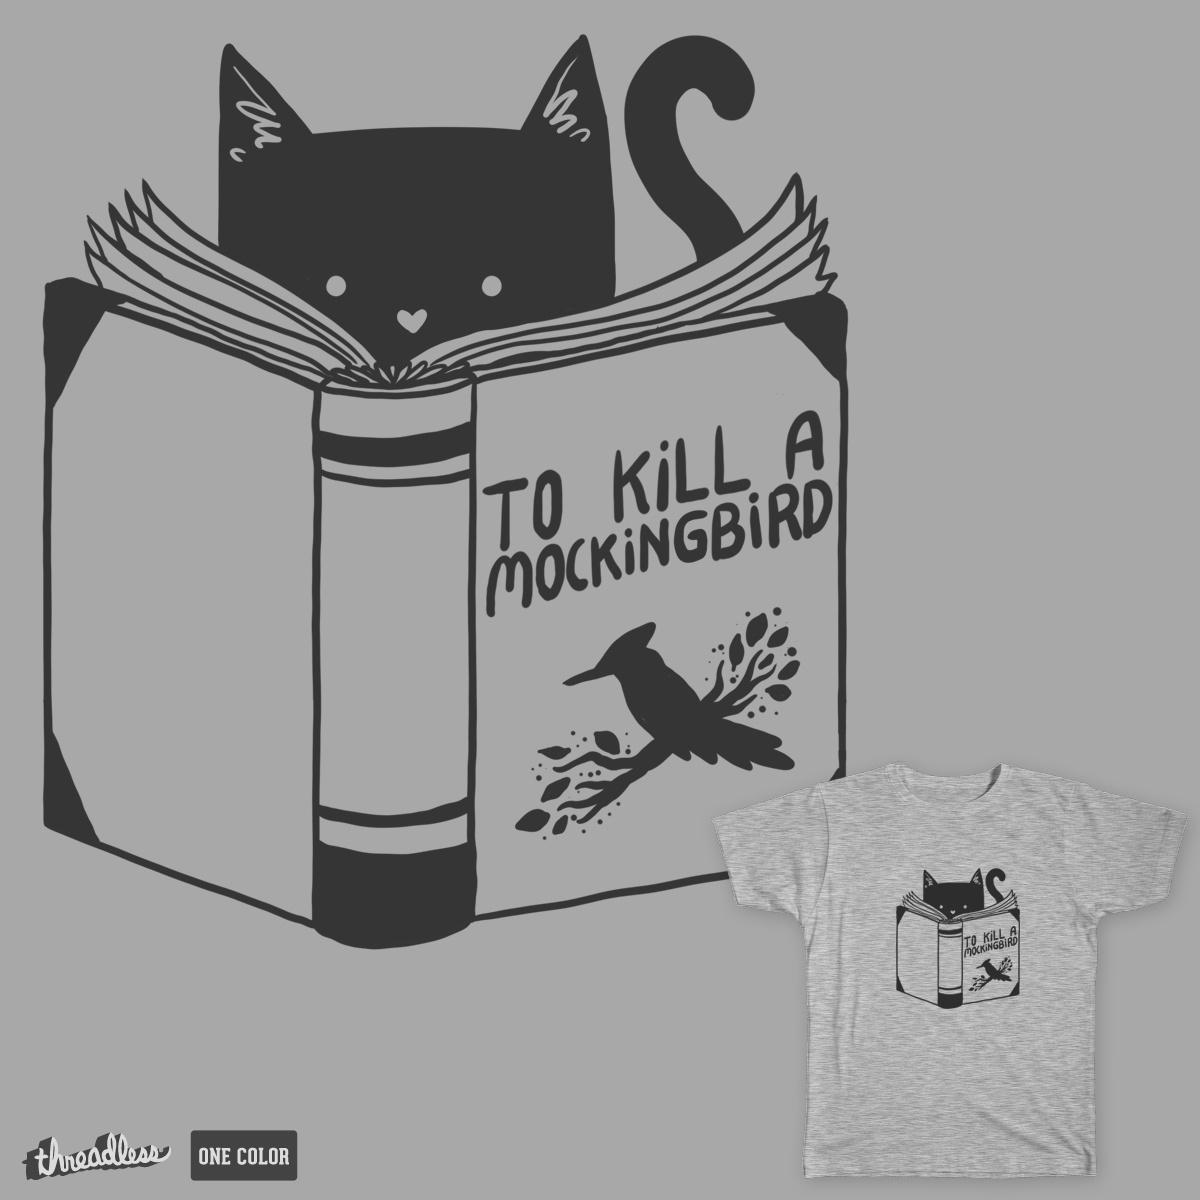 To kill a mockingbird by tobiasfonseca on Threadless